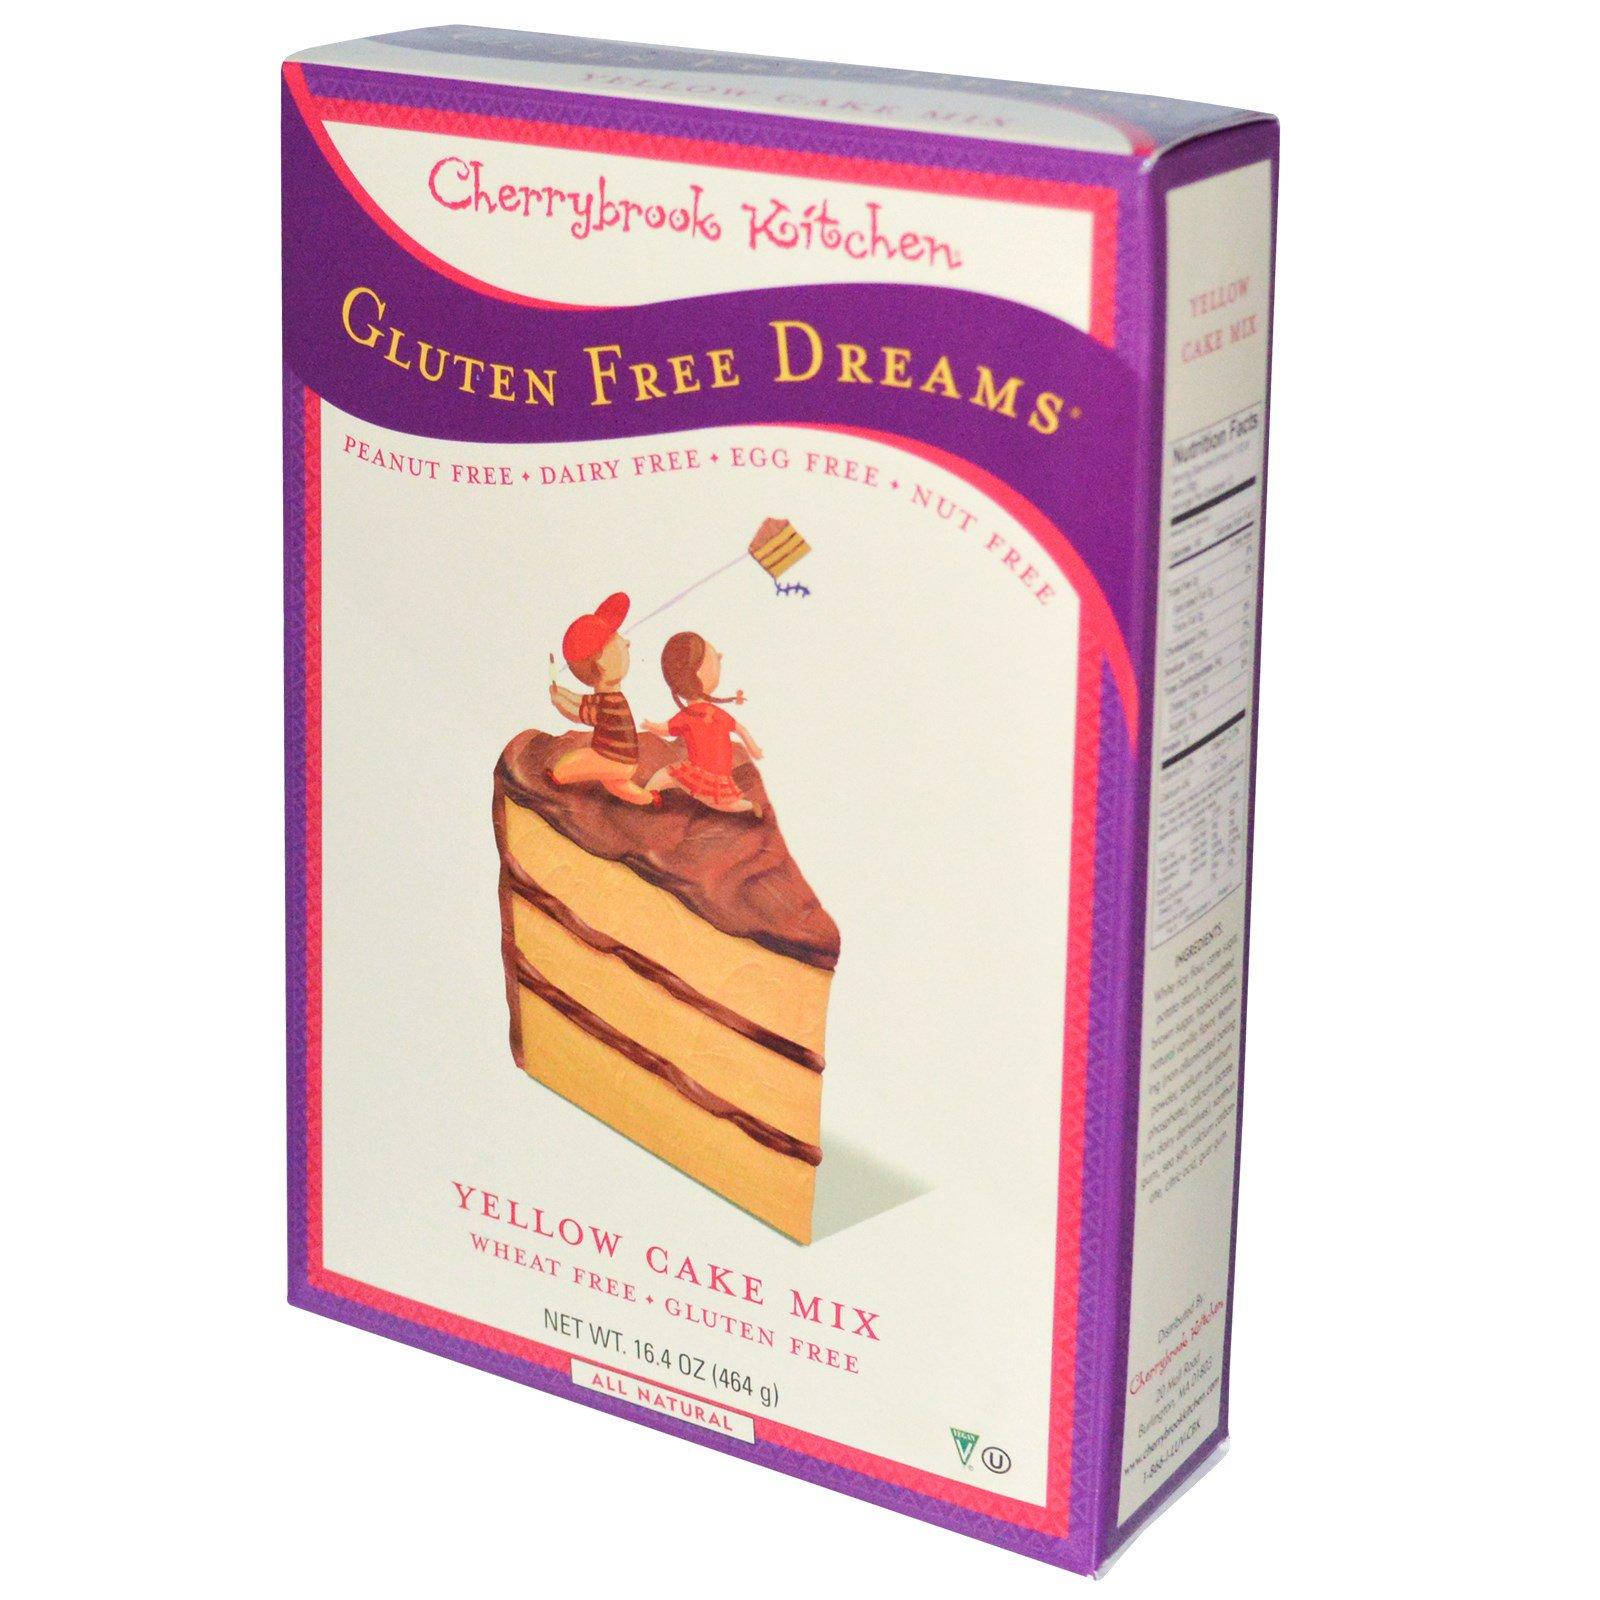 Cherrybrook Kitchen, Безглютеновые мечты, желтая смесь для приготовления пирожных, 16,4 унции (464 г)